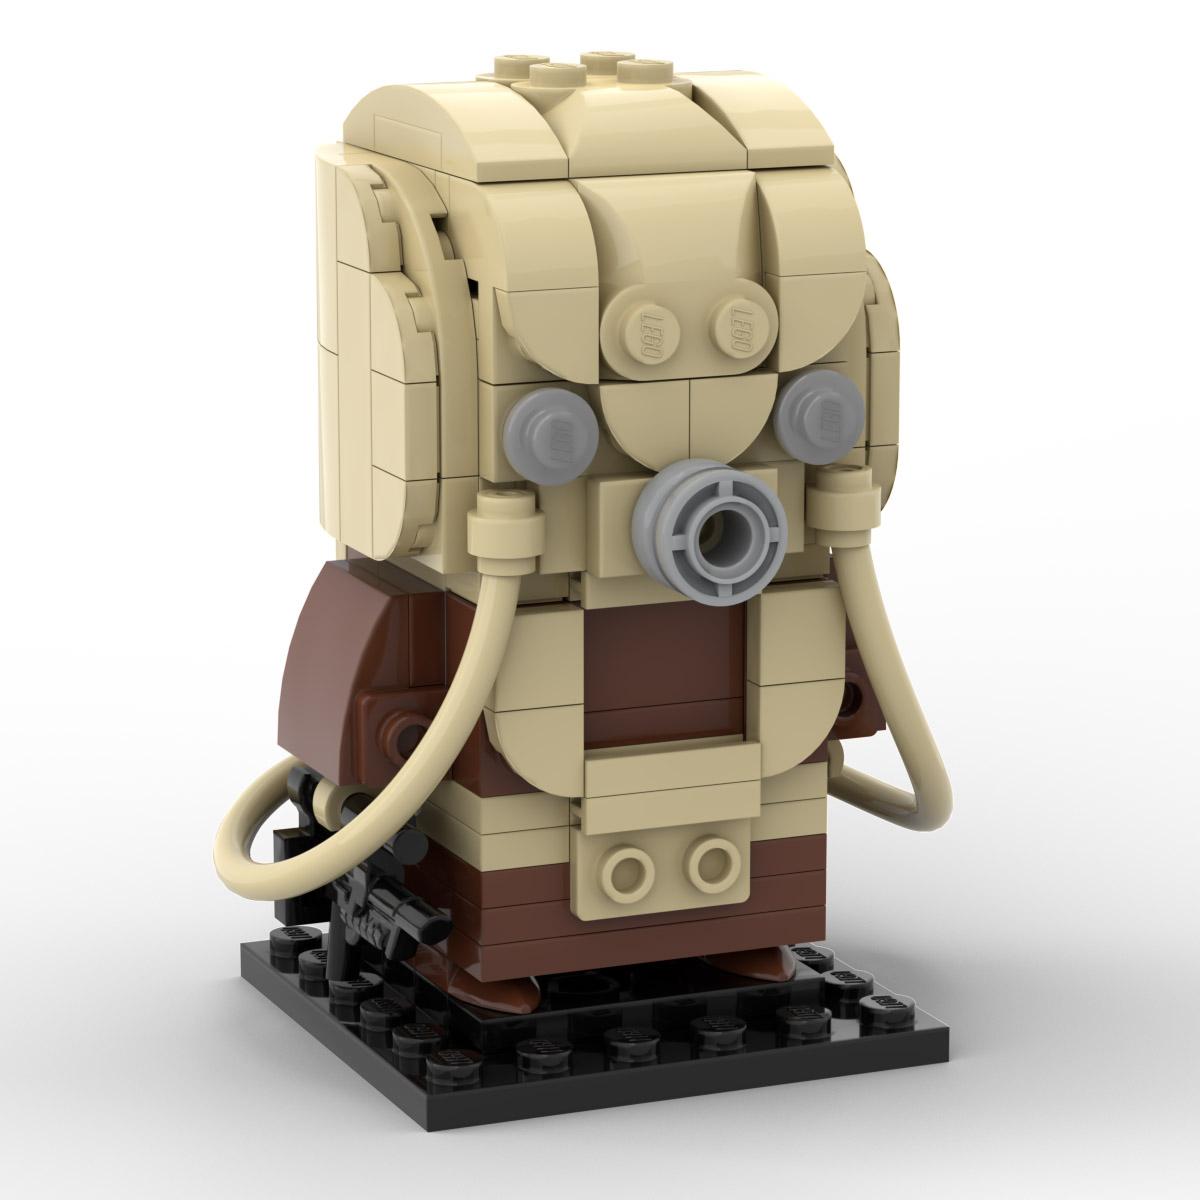 lego moc brickheadz greedo instructions